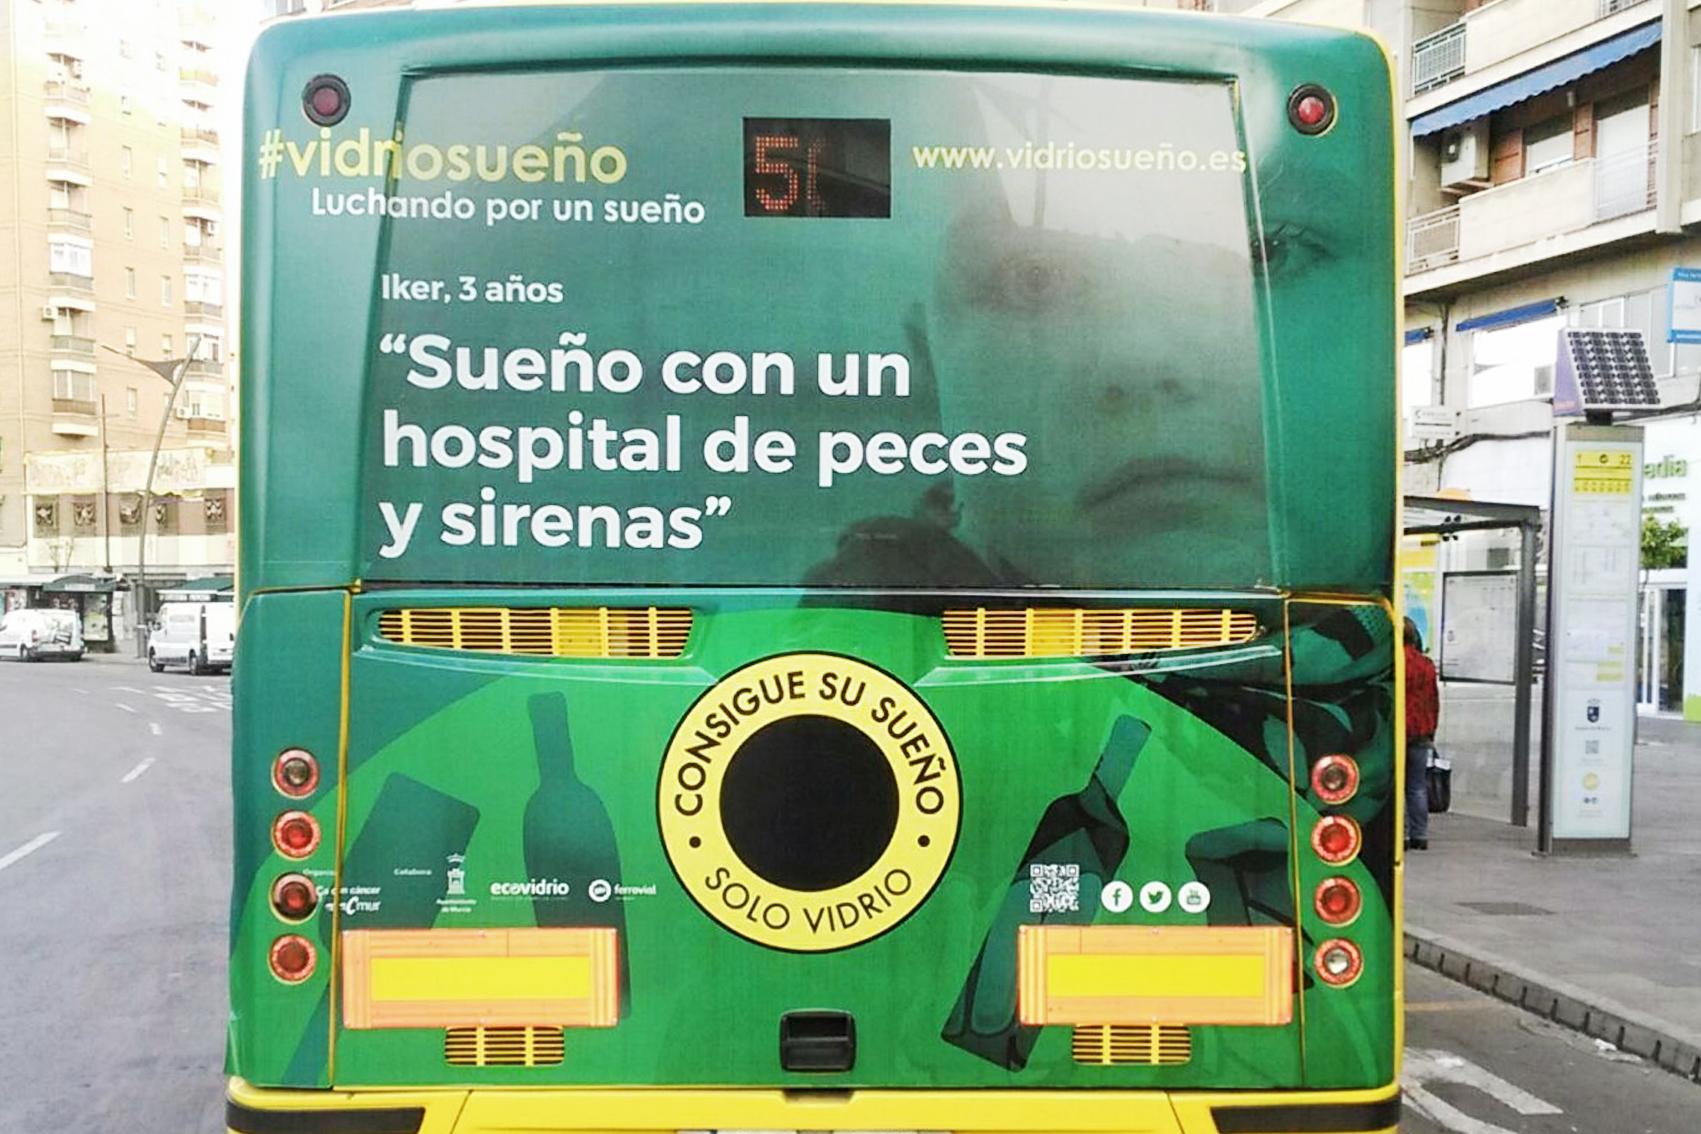 Publicidad-autobuses-campaña-vidriosueño